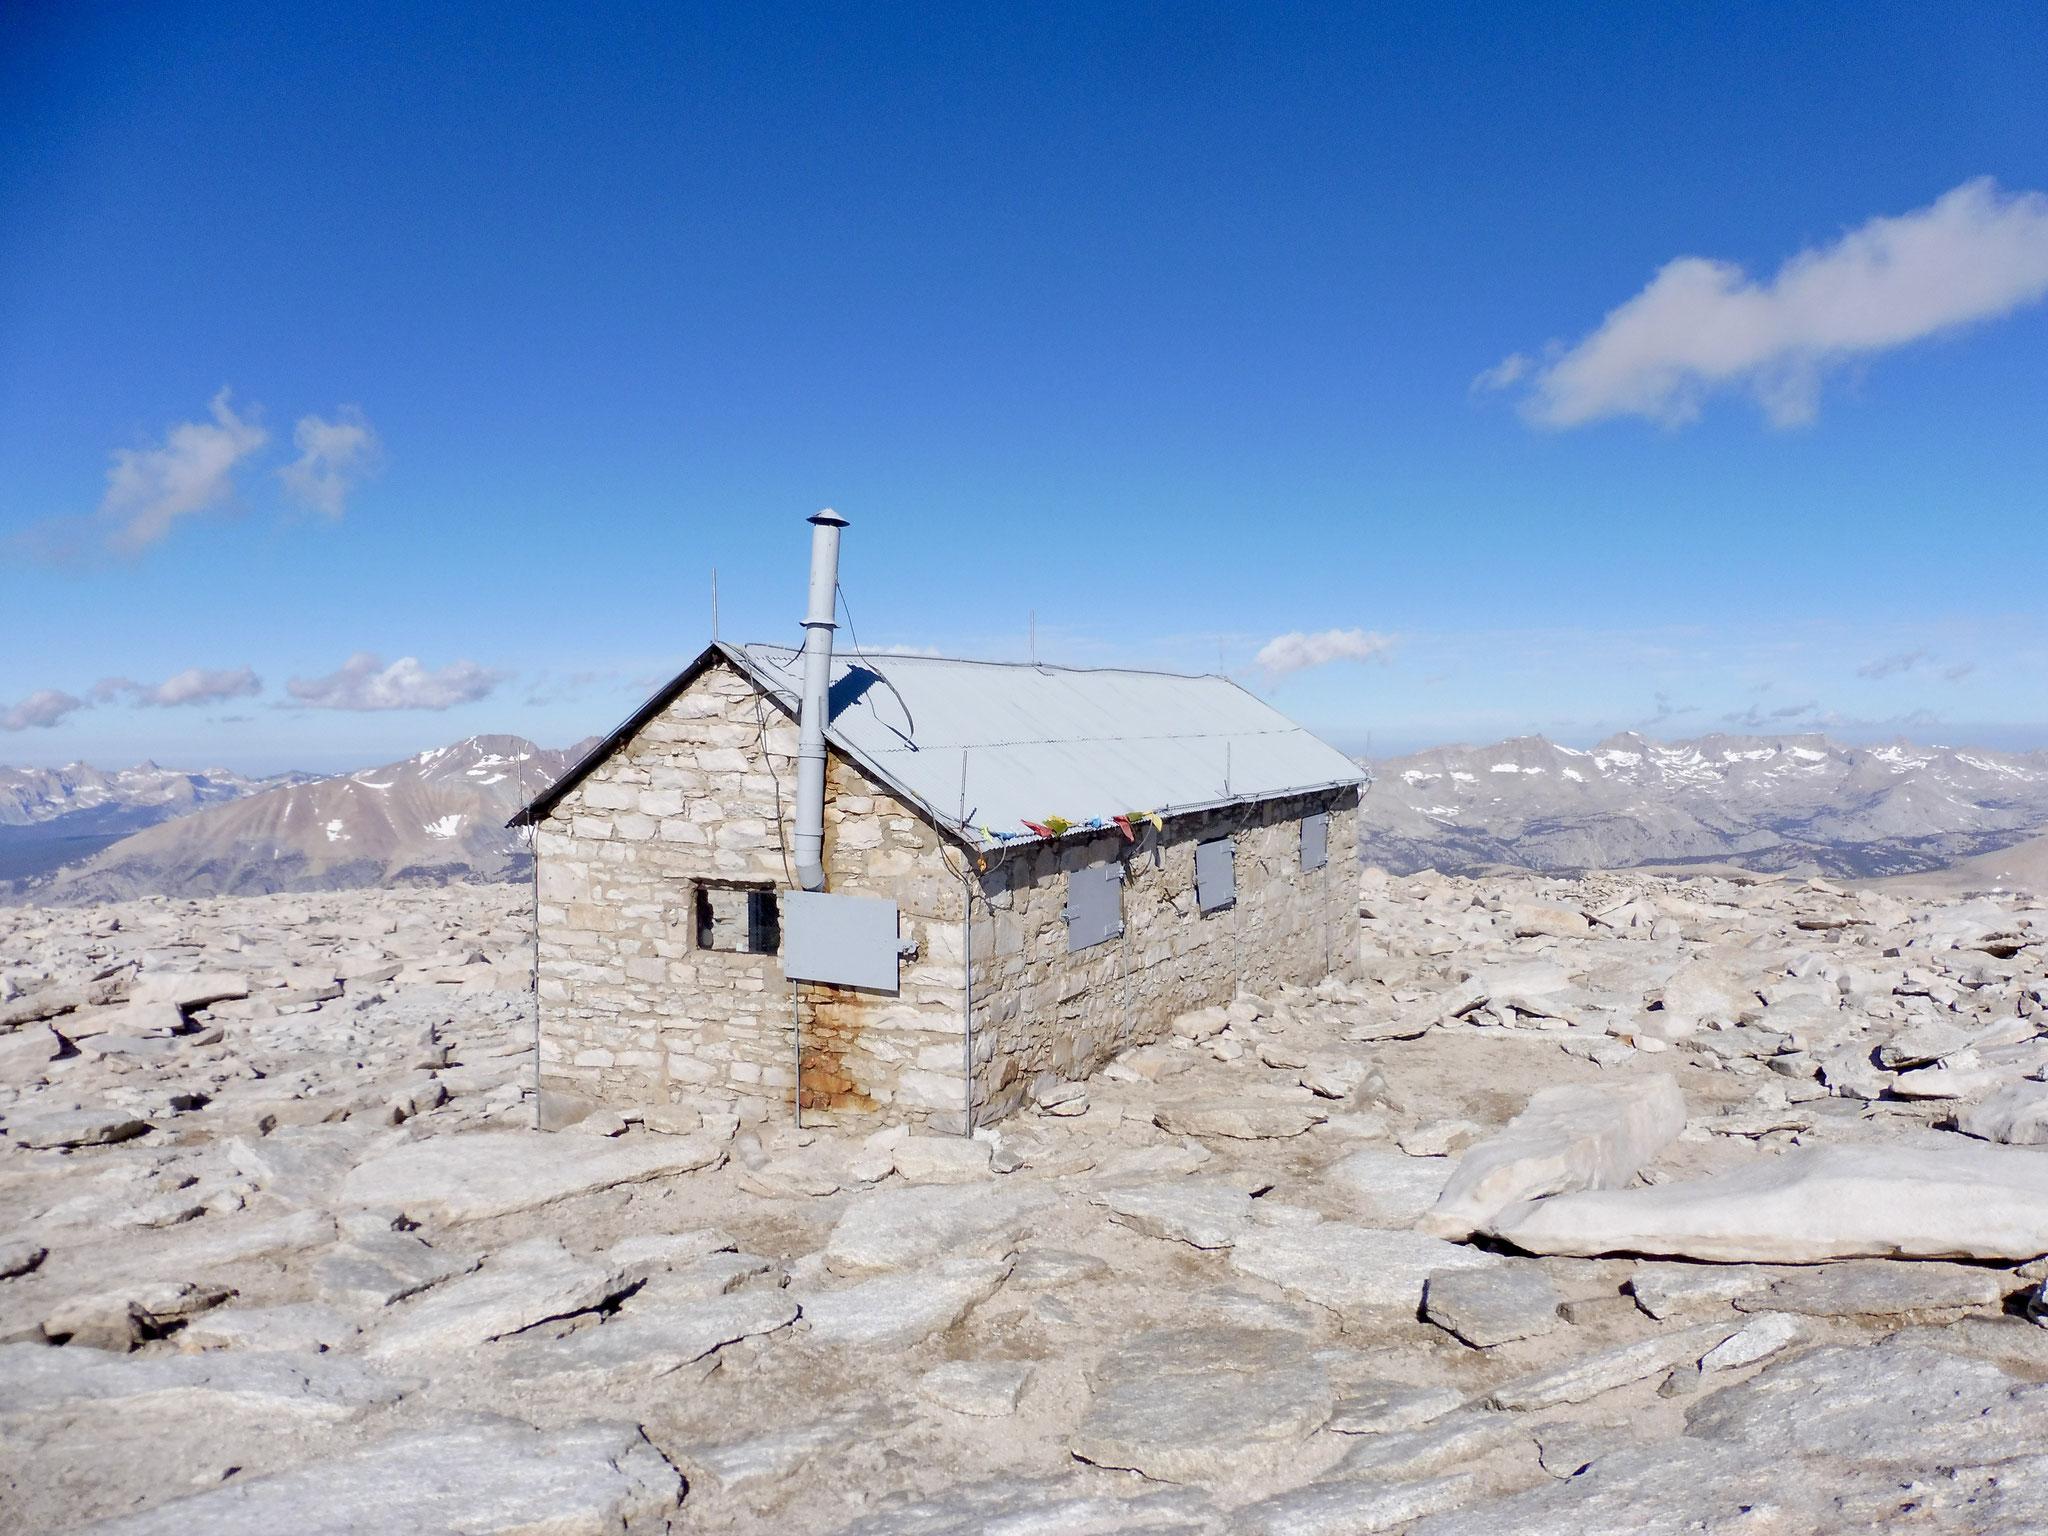 Die Schutzhütte auf dem Gipfel des Mount Whitney